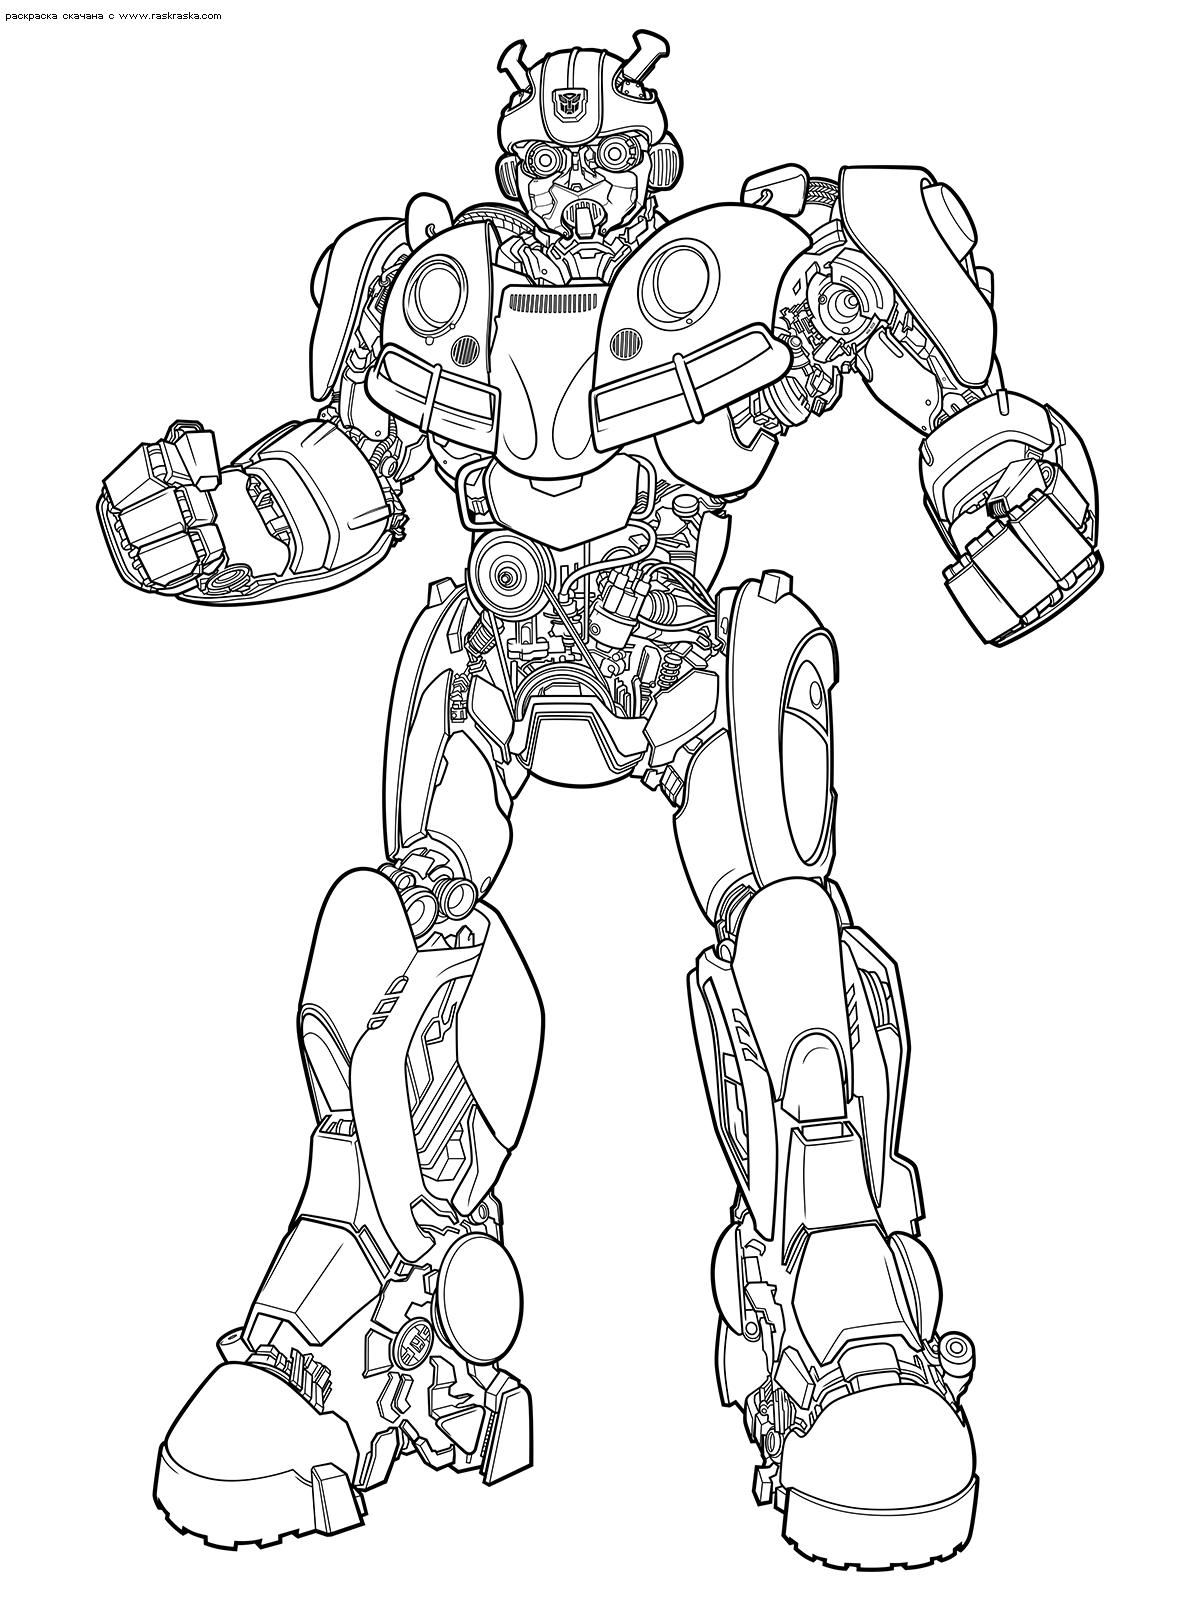 Раскраски Трансформеры. Раскраски роботы-трансформеры